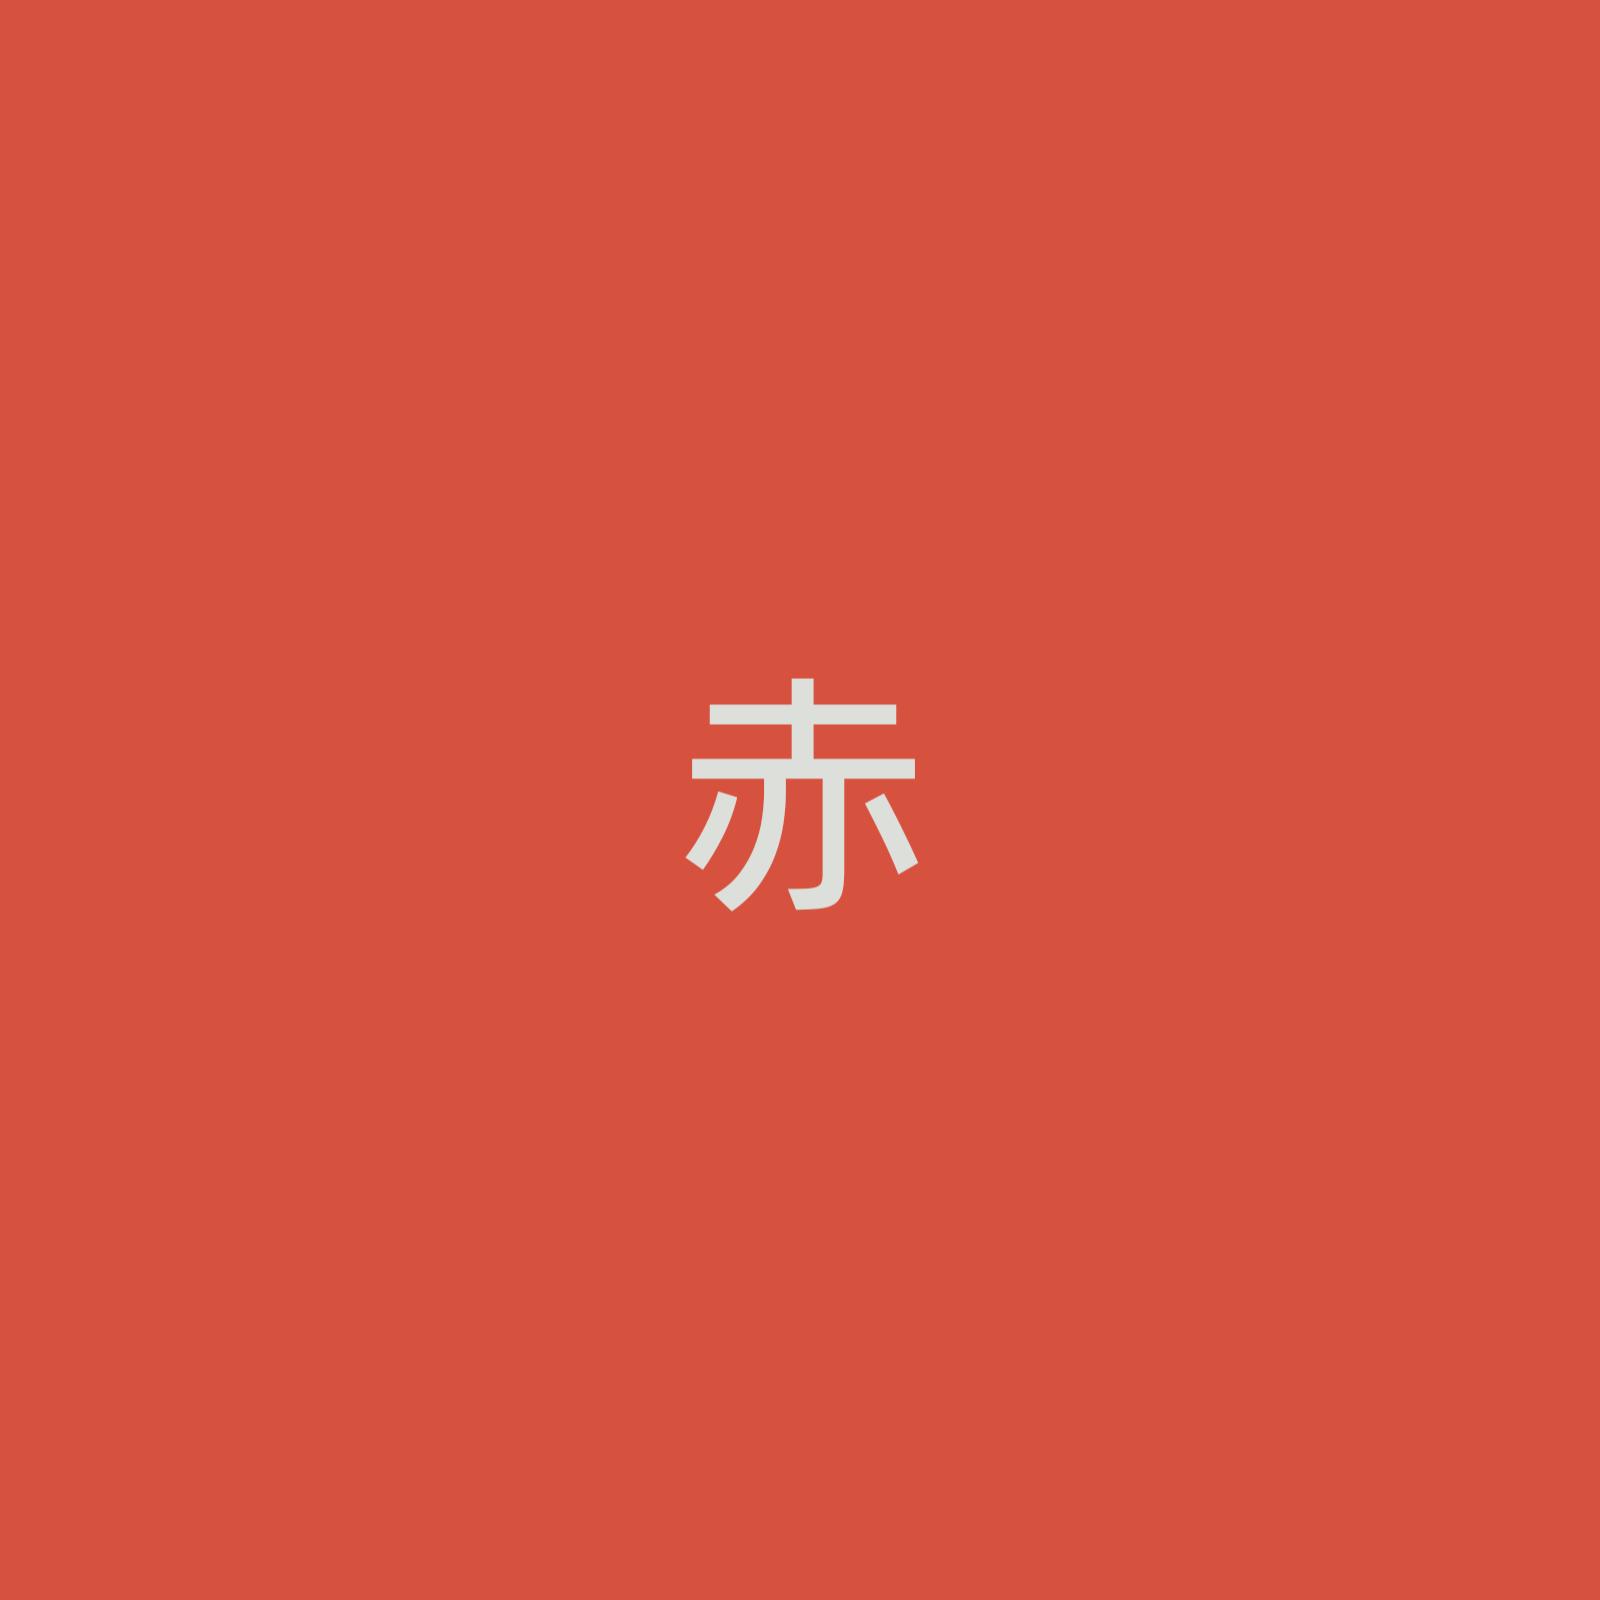 JavaScriptのIntersection Offscreenによる赤と青の切り替え用の画像